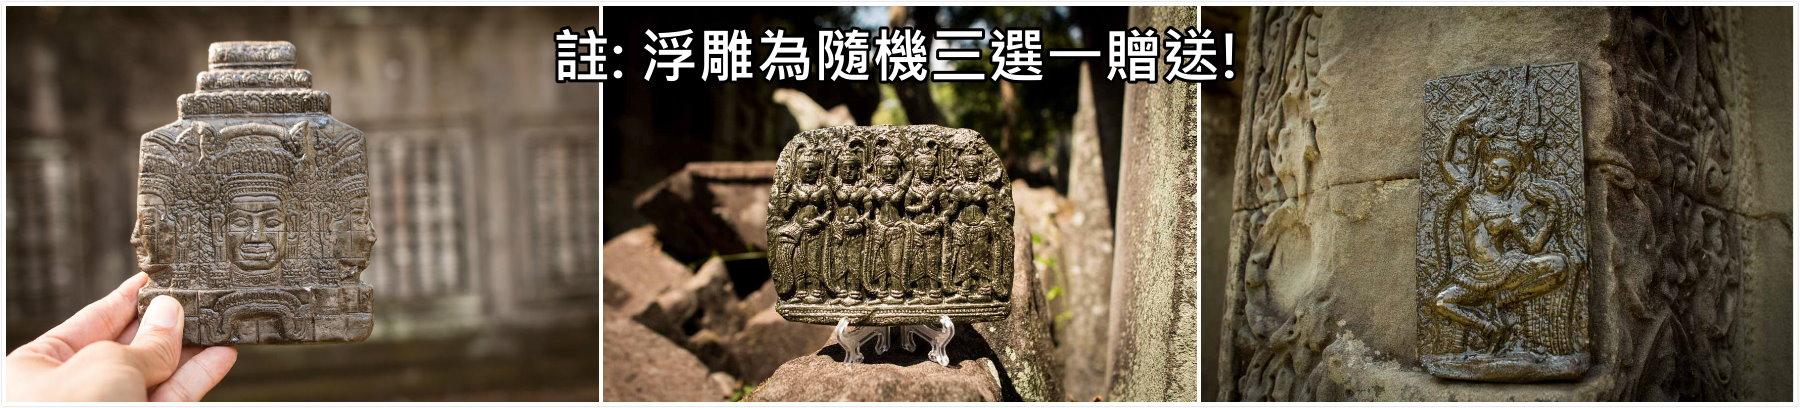 中型吳哥浮雕精美仿製品